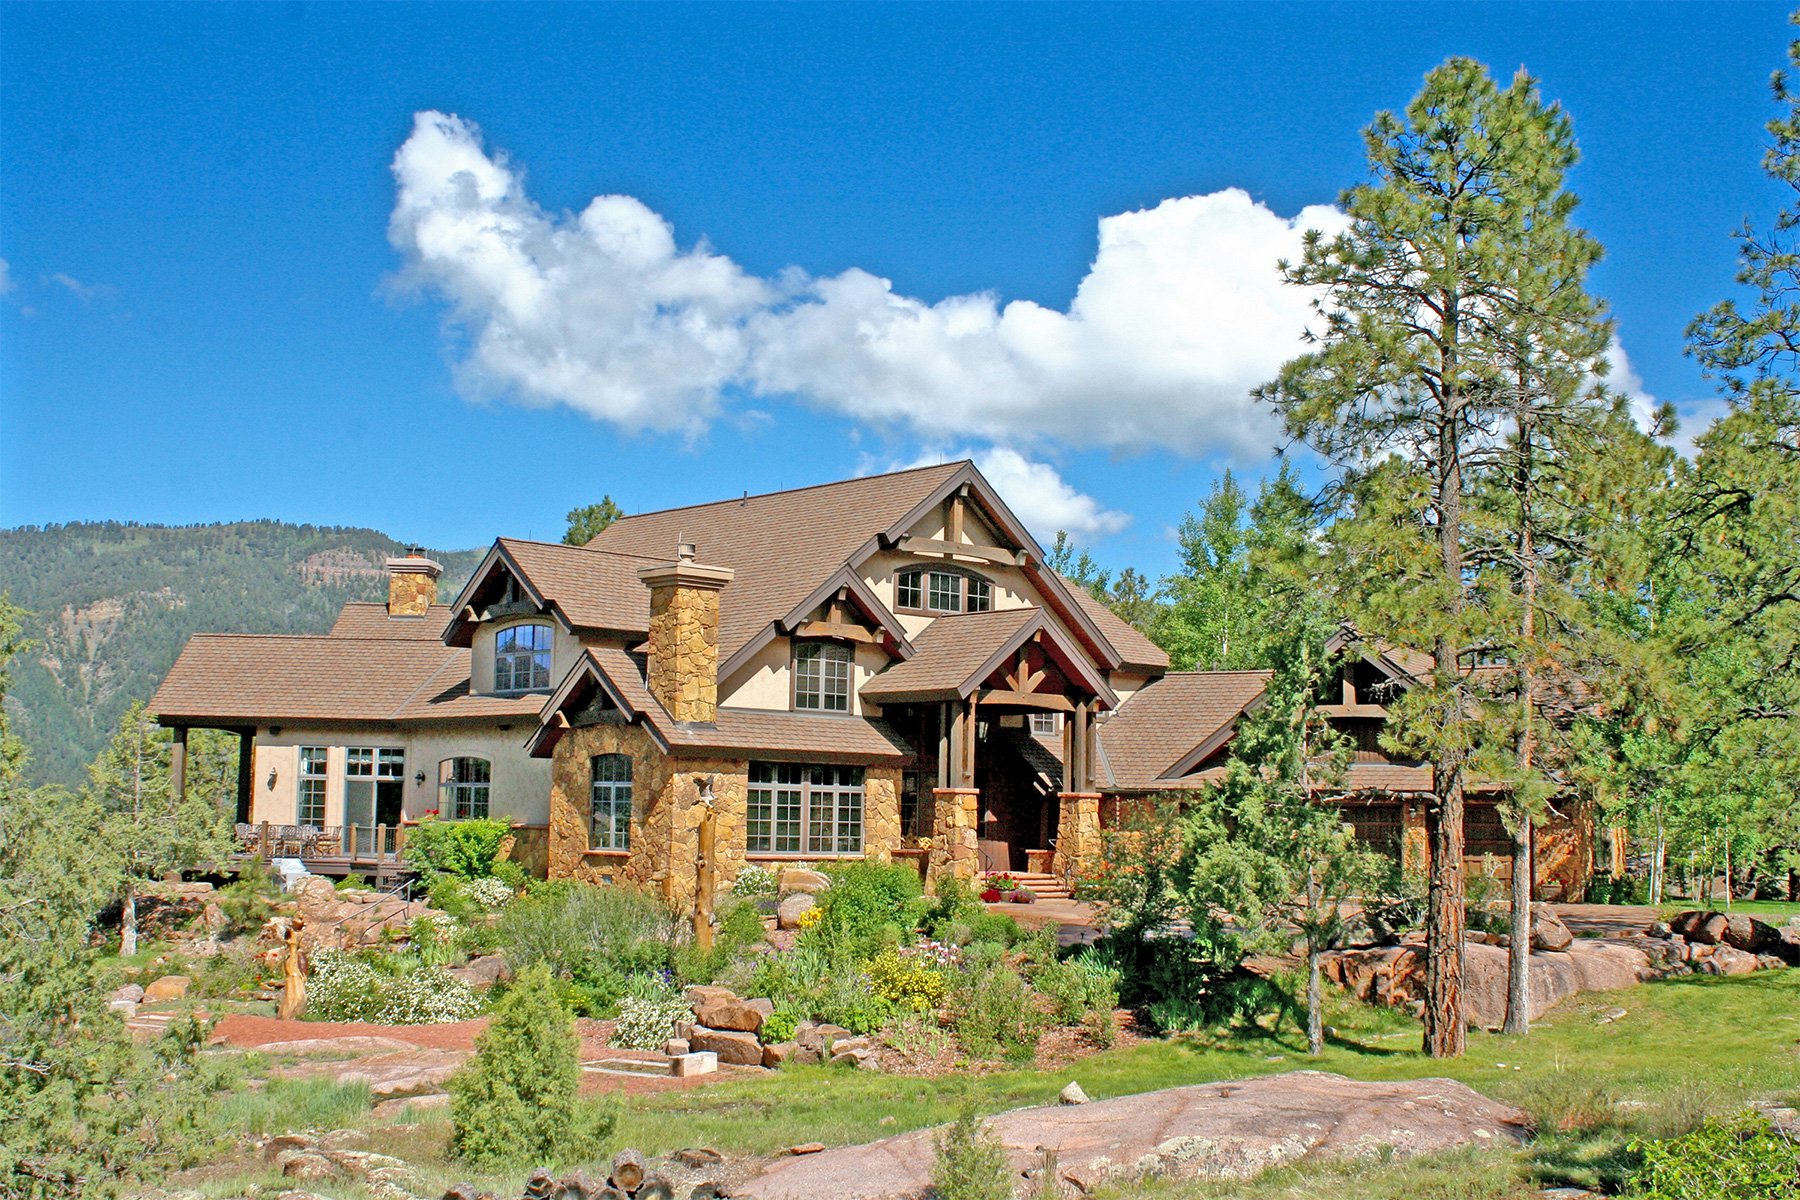 Casa Unifamiliar por un Venta en Granite Fall Lodge 1501 Celadon Drive East Durango, Colorado 81301 Estados Unidos